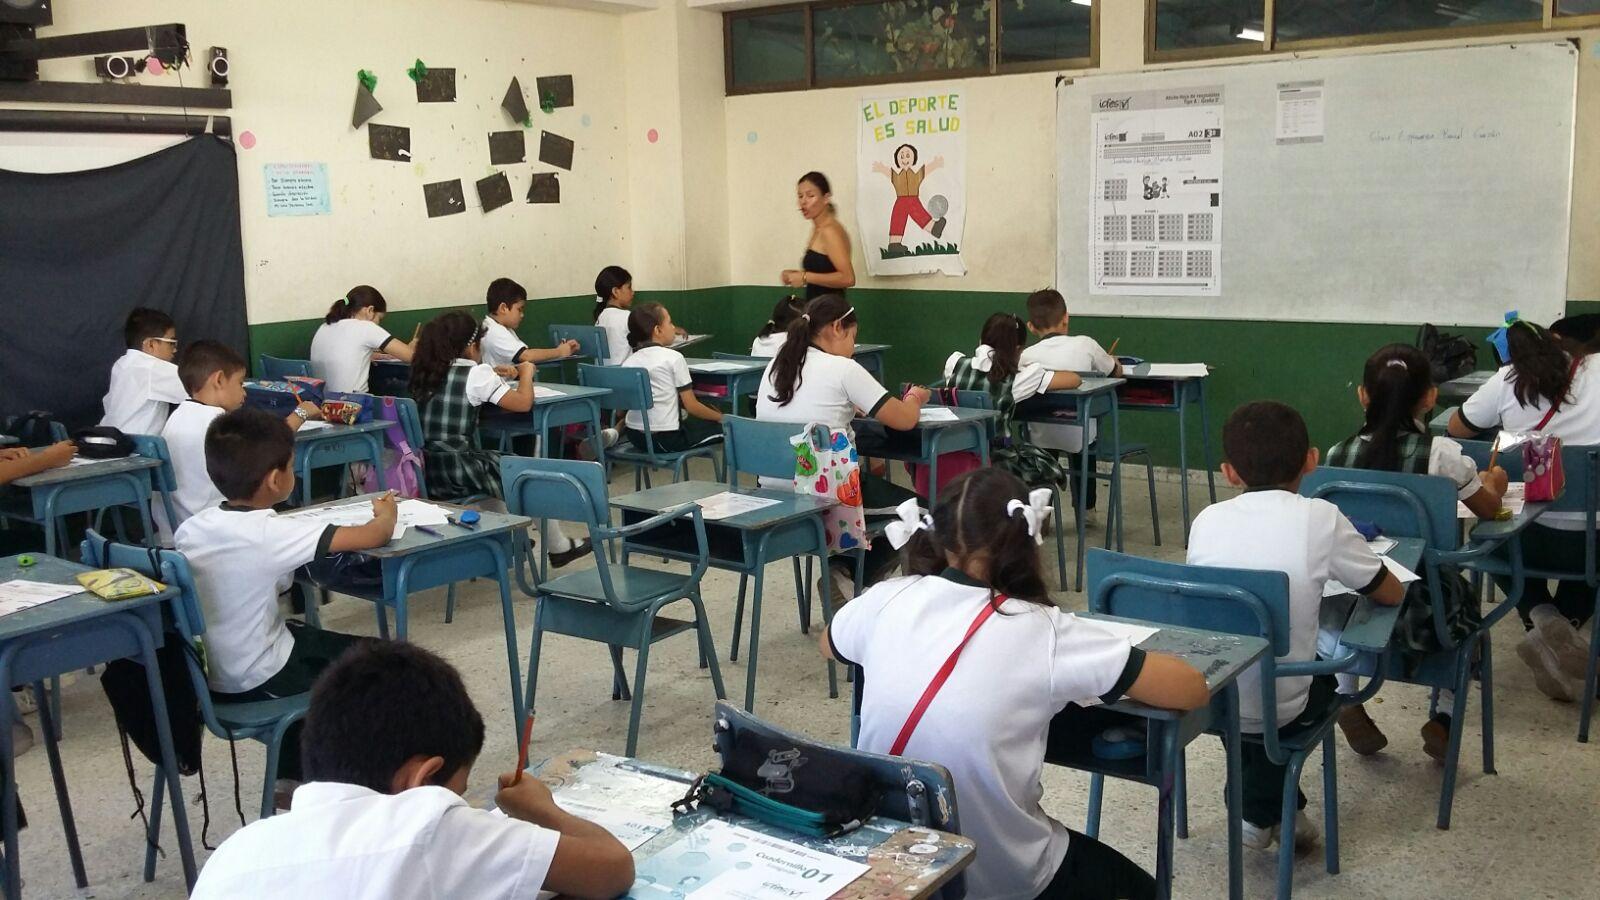 Mañana 12 de abril Secretaría de Educación Departamental realiza convocatoria para plazas docentes y directivos docentes.